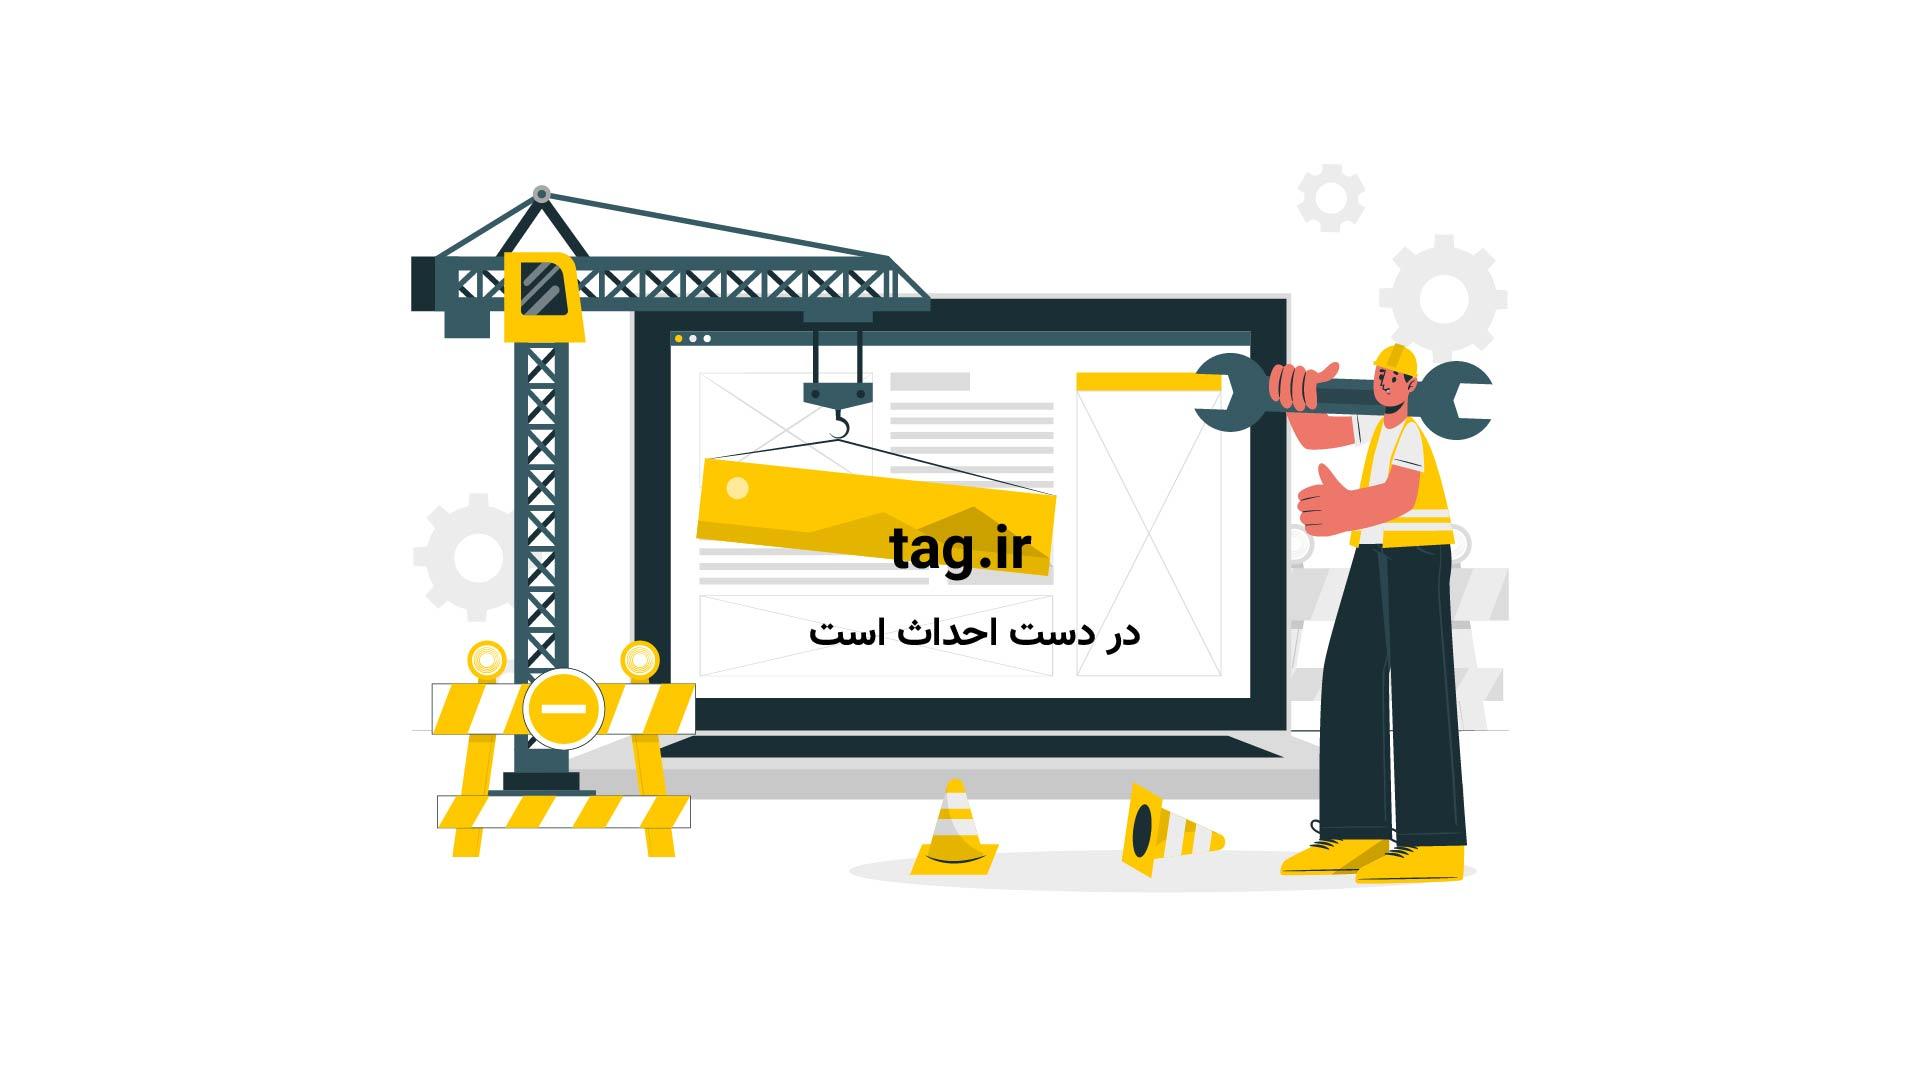 یگان-ویژه-پلیس-نیروی-انتظامی | تگ